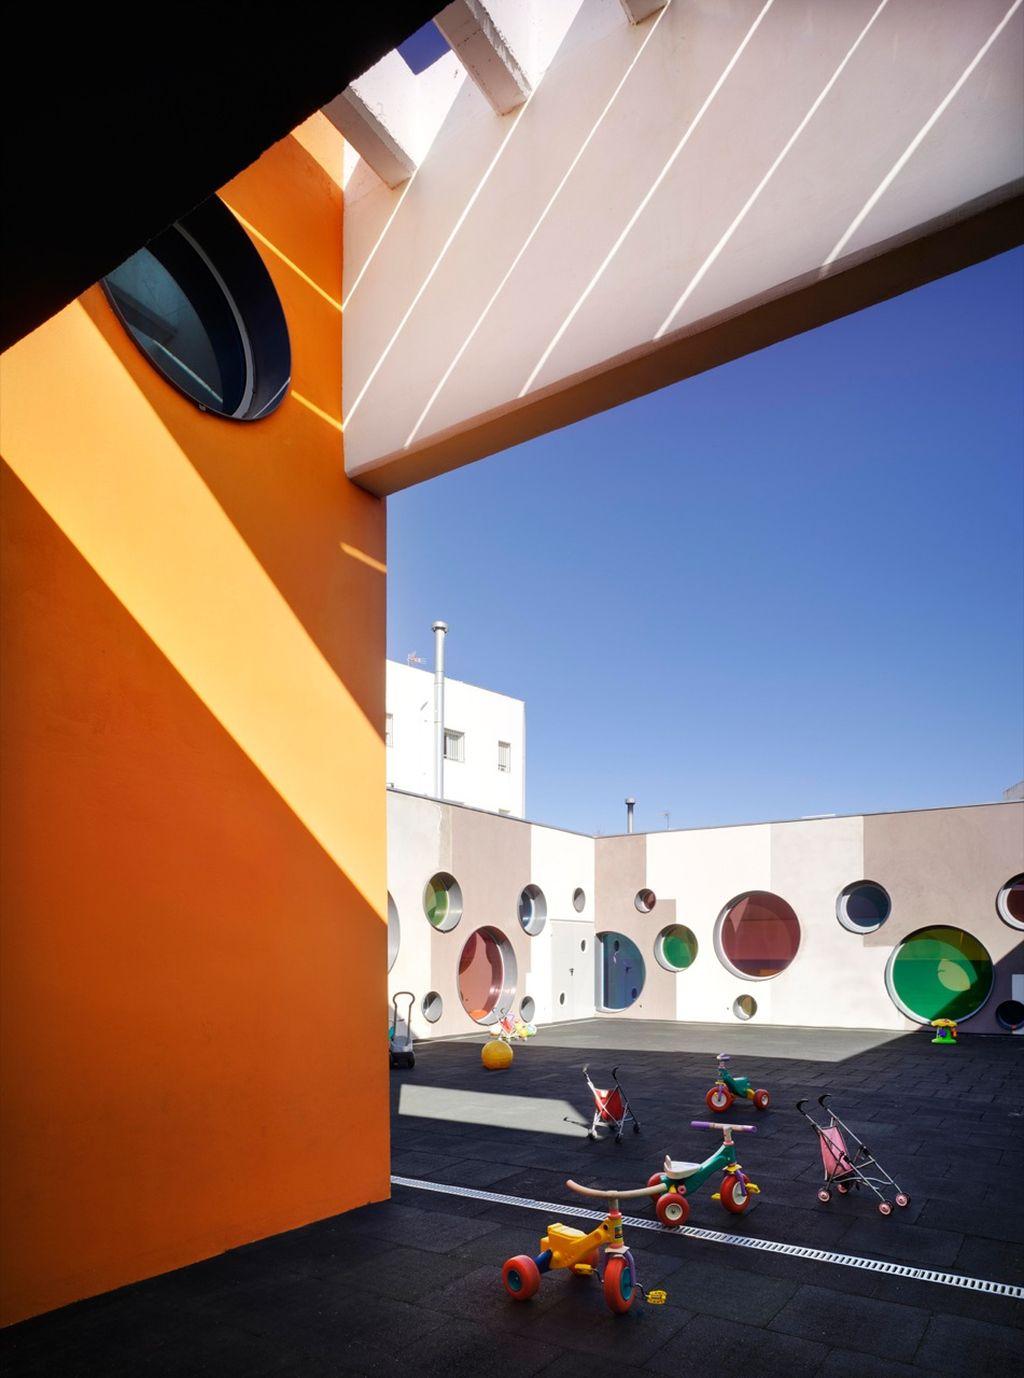 adelaparvu.com despre gradinita Velez Rubio arhLosdelDesierto Foto David Frutos